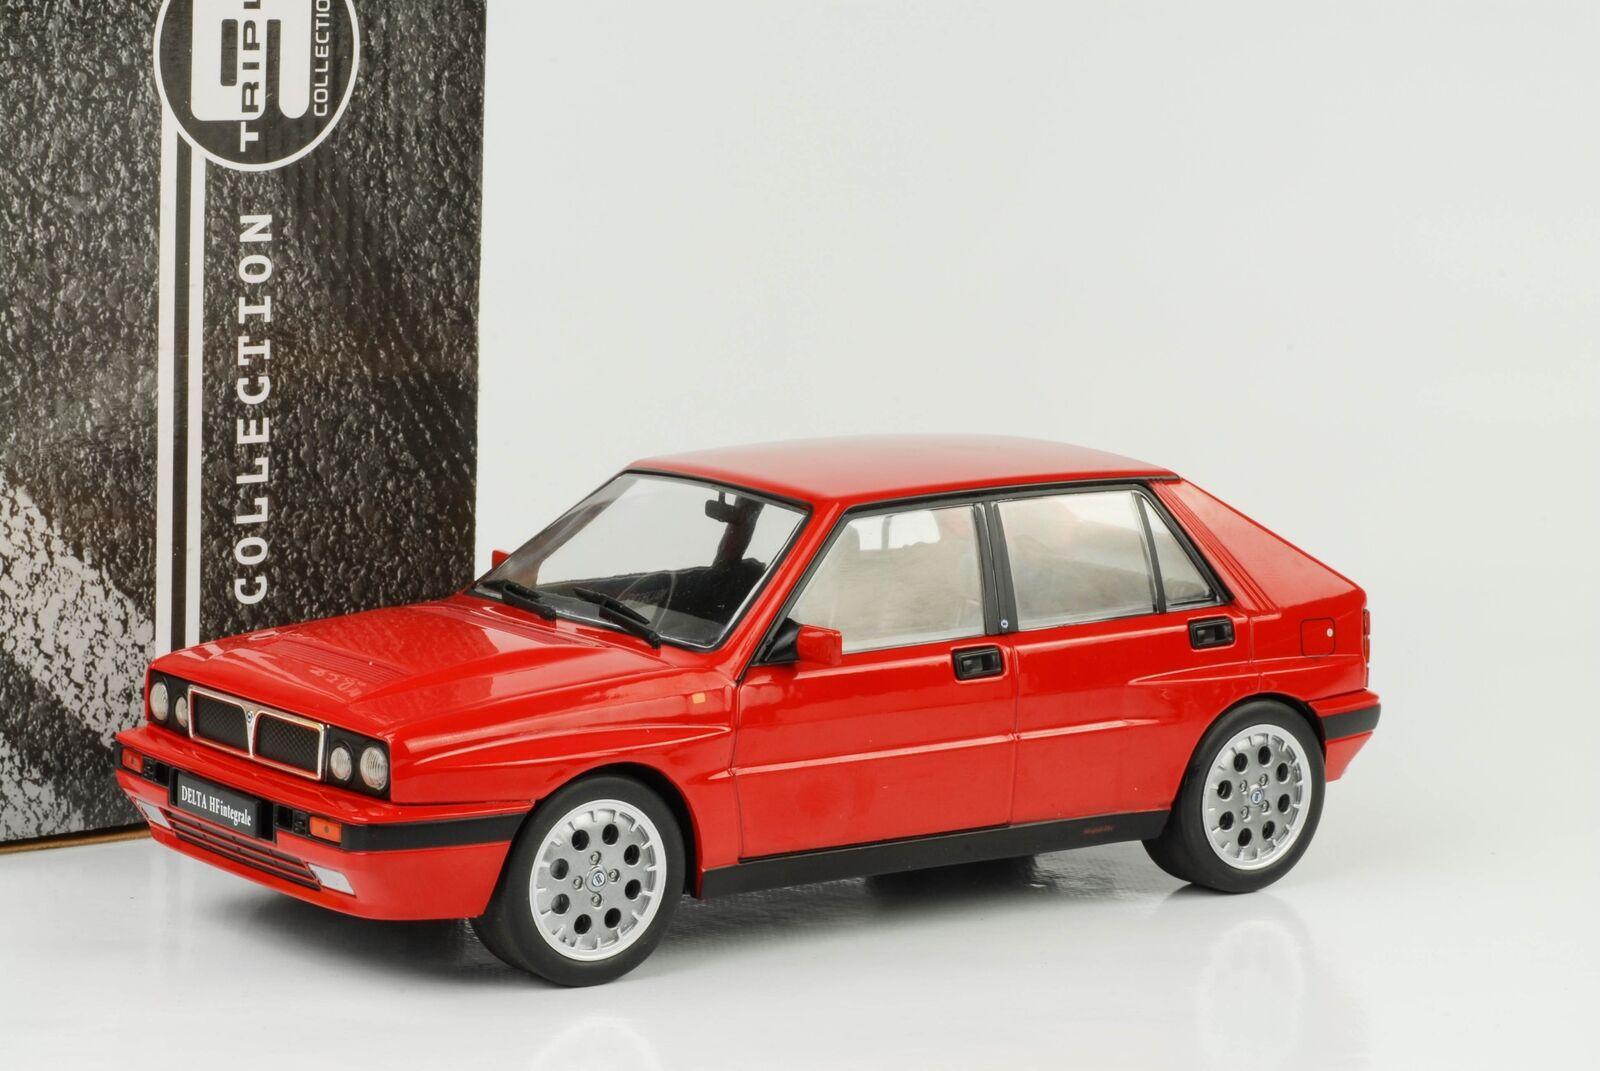 Lancia Delta HF intégrale 16 V ROUGE année 1990 1 18 Triple 9 Miniature